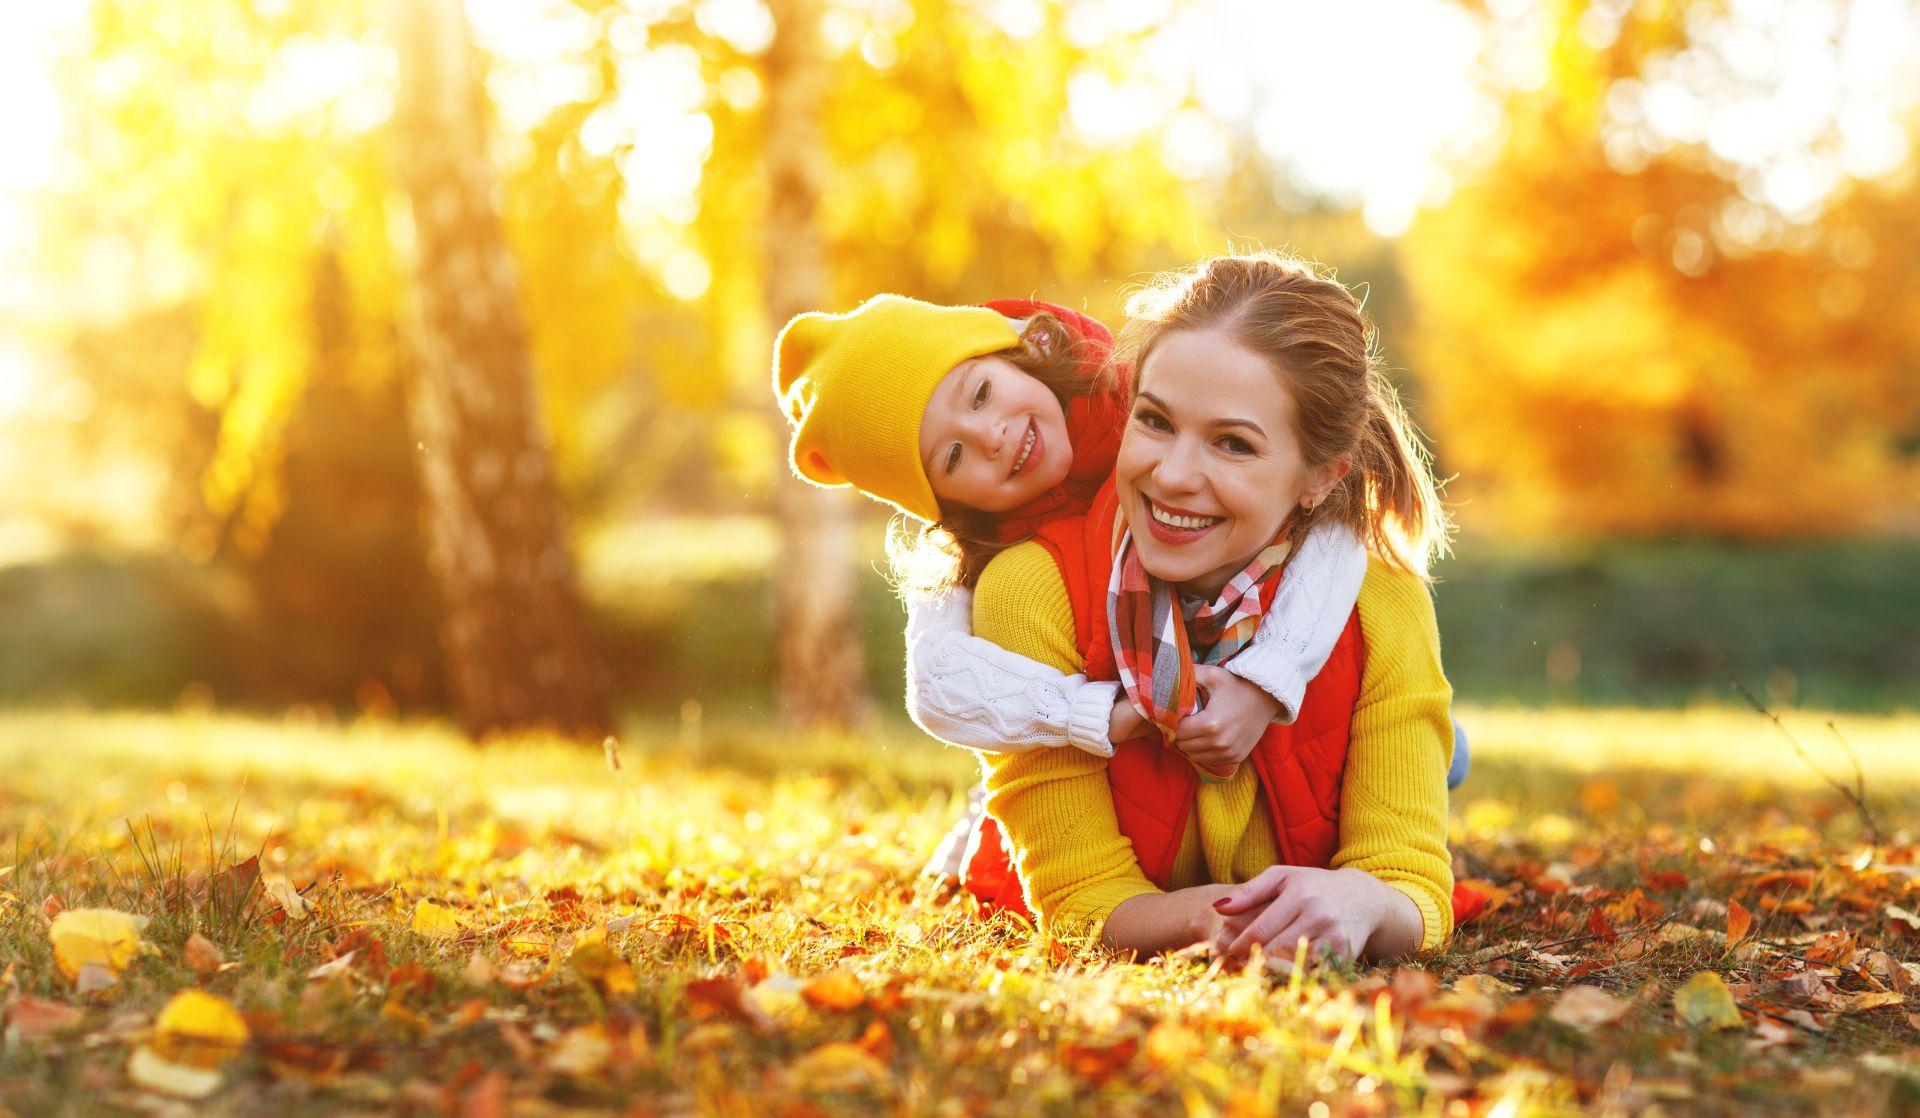 Dieta jesienna bogata w składniki odżywcze, witaminy, żelazo, cynk, kwas DHA i EPA, kwasy tłuszczowe Omega-3 pomoże wzmacniać odporność przez cały rok. Sprawdź jak powinna wyglądać dieta na odporność dla dorosłych, dzieci, kobiet w ciąży i osób starszych.